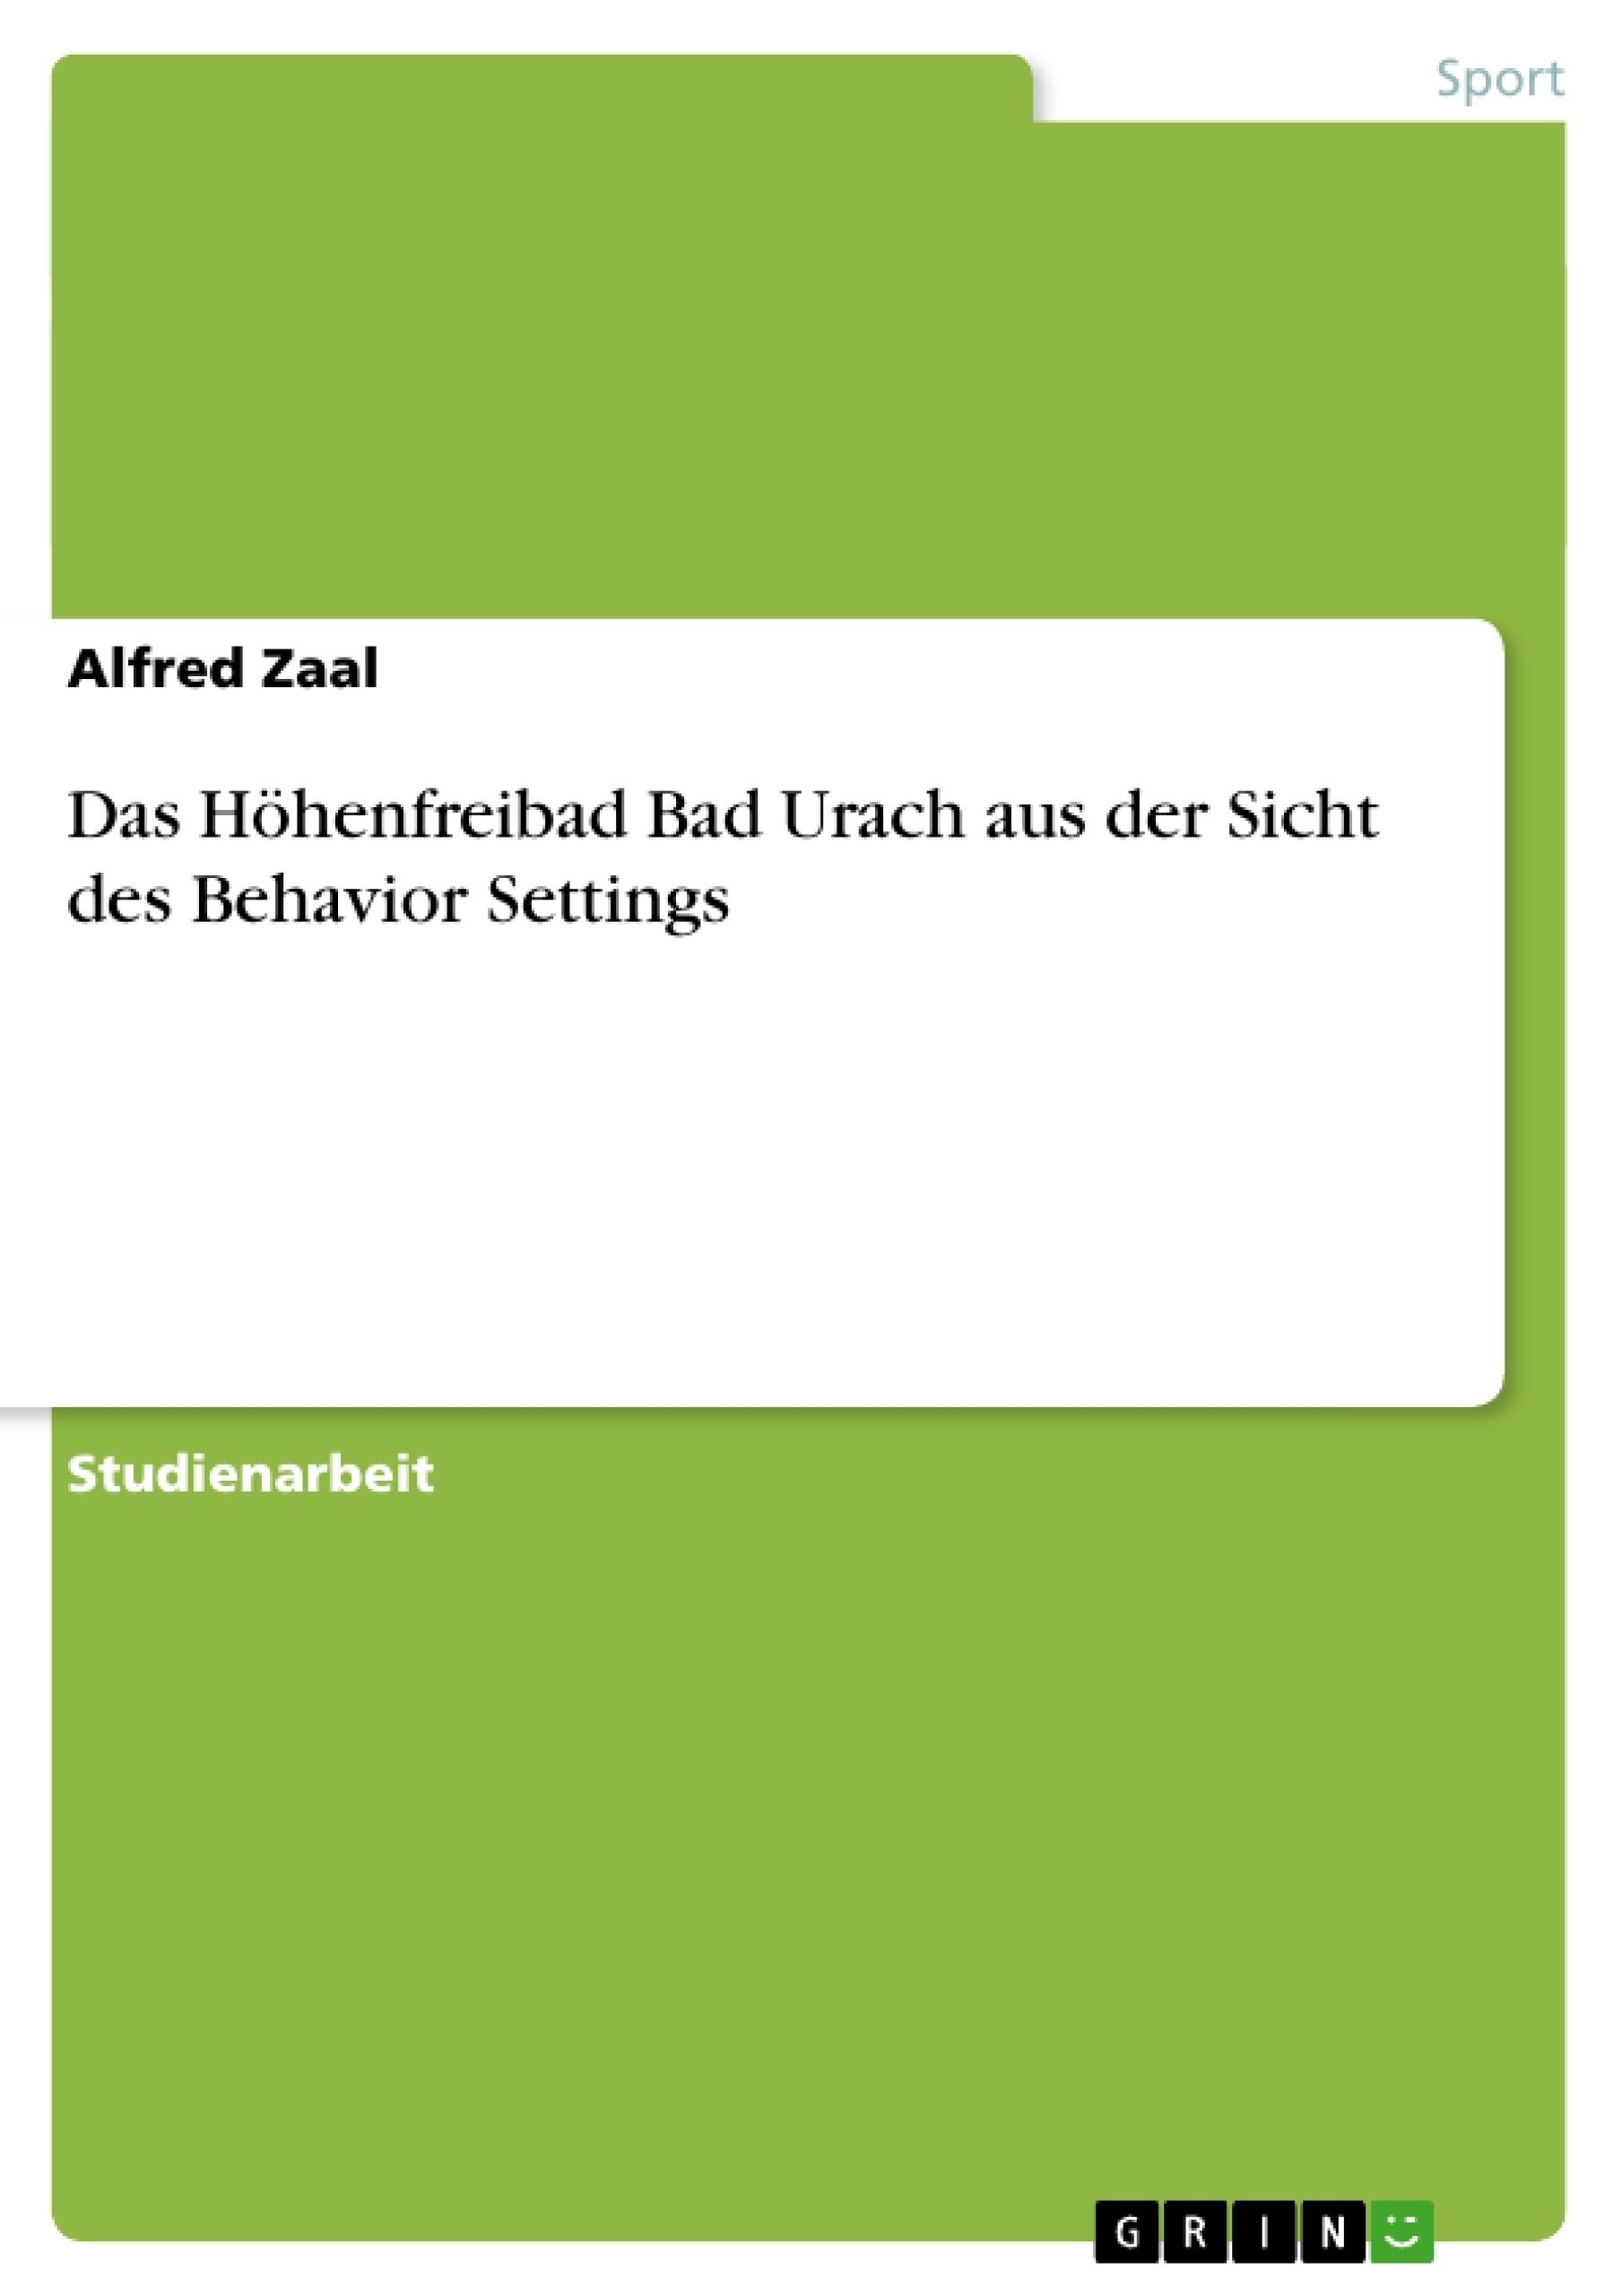 Titel: Das Höhenfreibad Bad Urach aus der Sicht des Behavior Settings